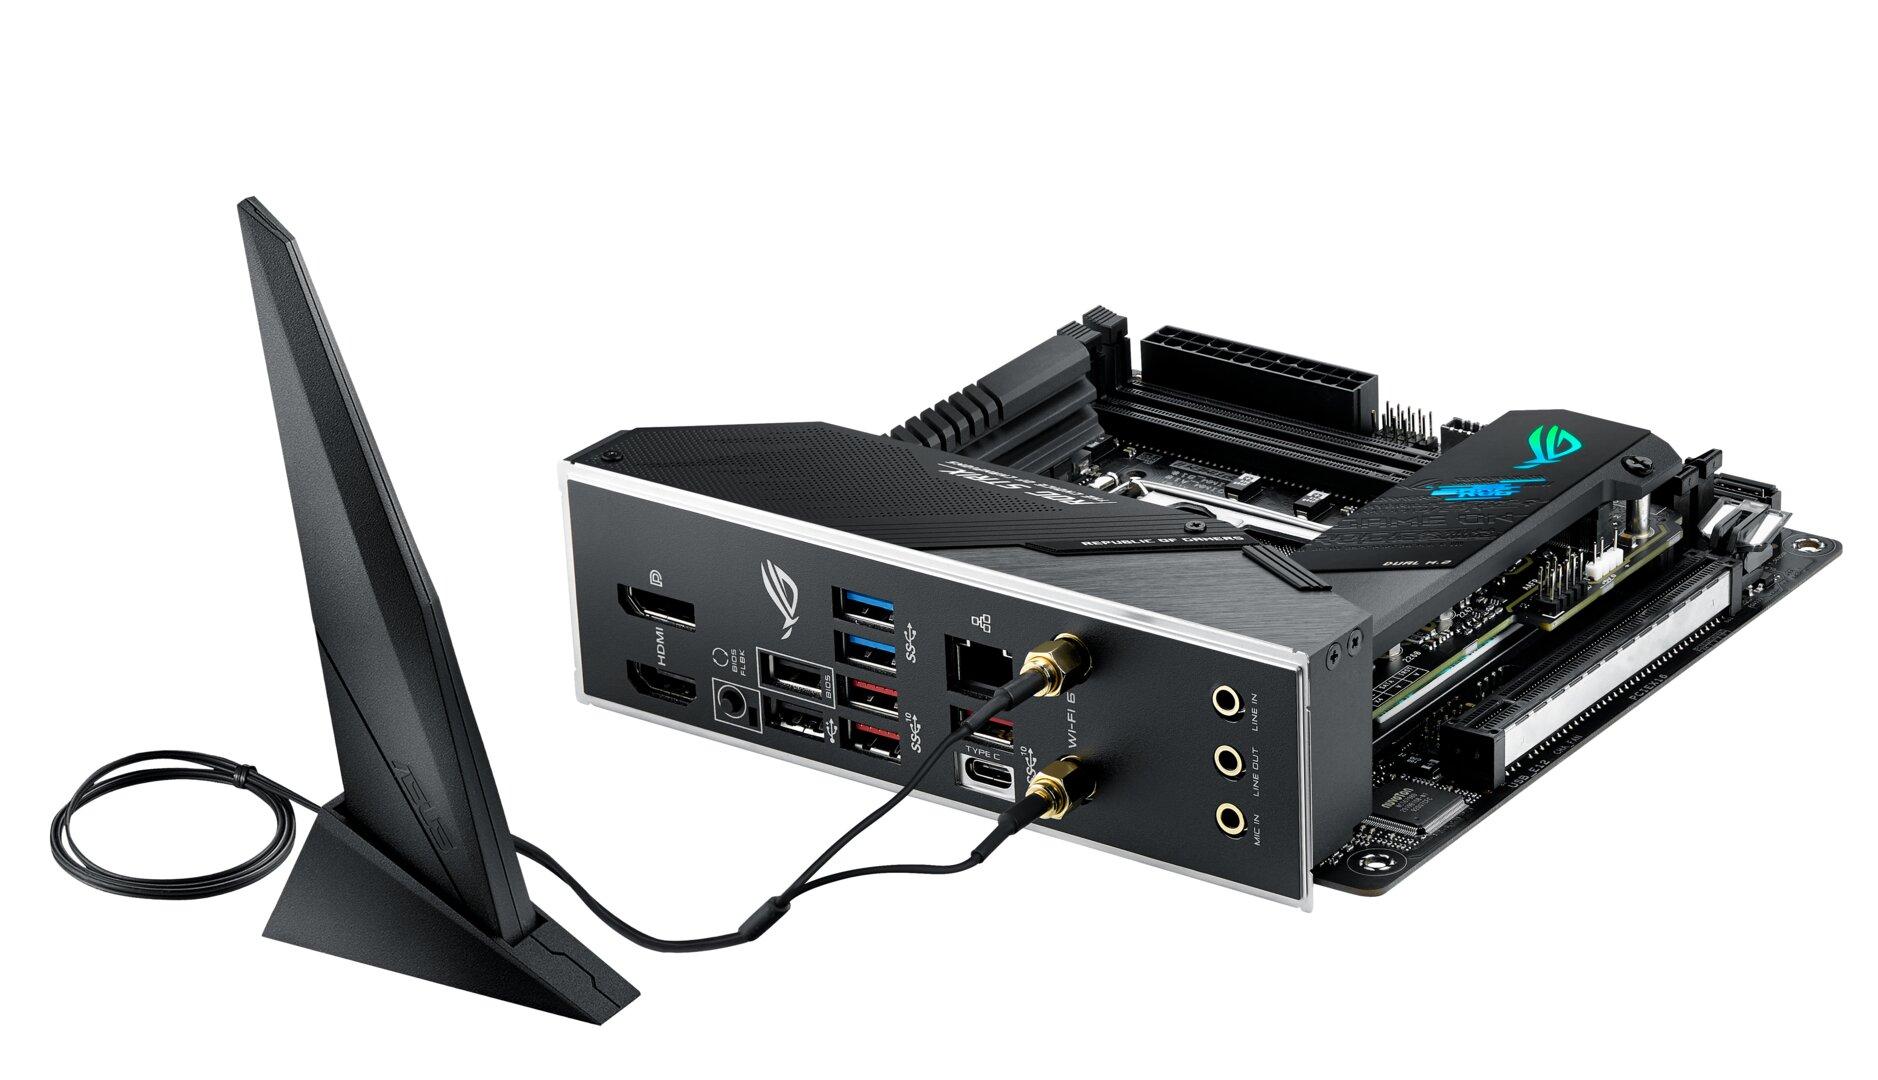 Asus ROG Strix Z490-I Gaming